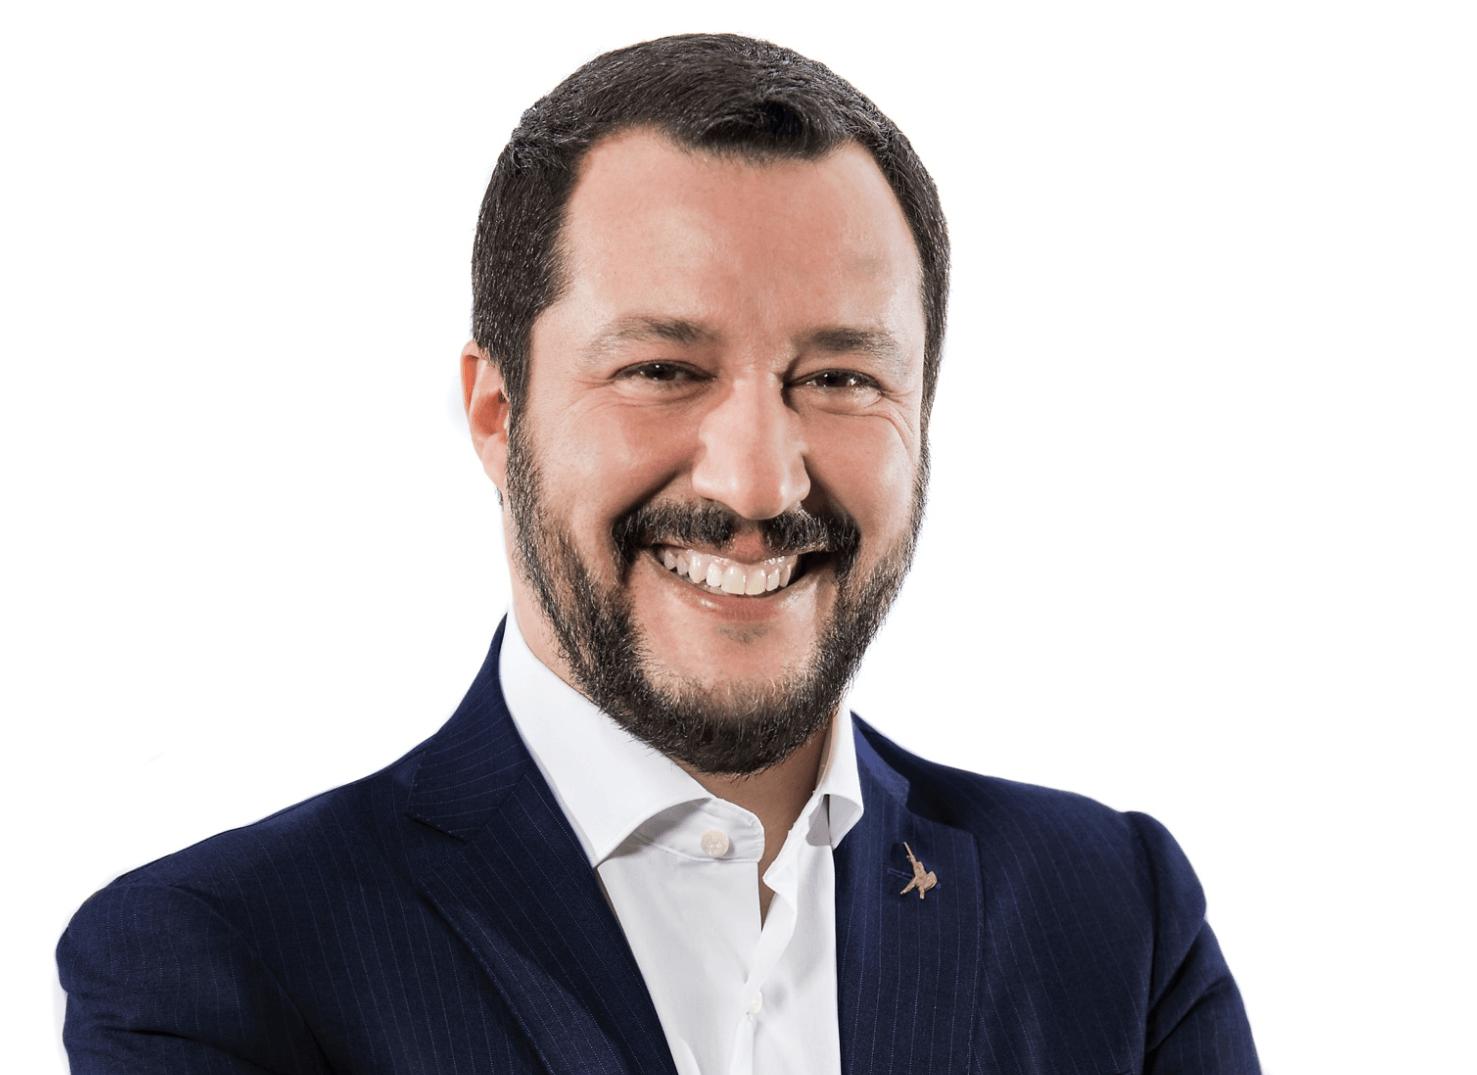 Matteo Salvini hat sich verkalkuliert - Italien erst mal befriedet?